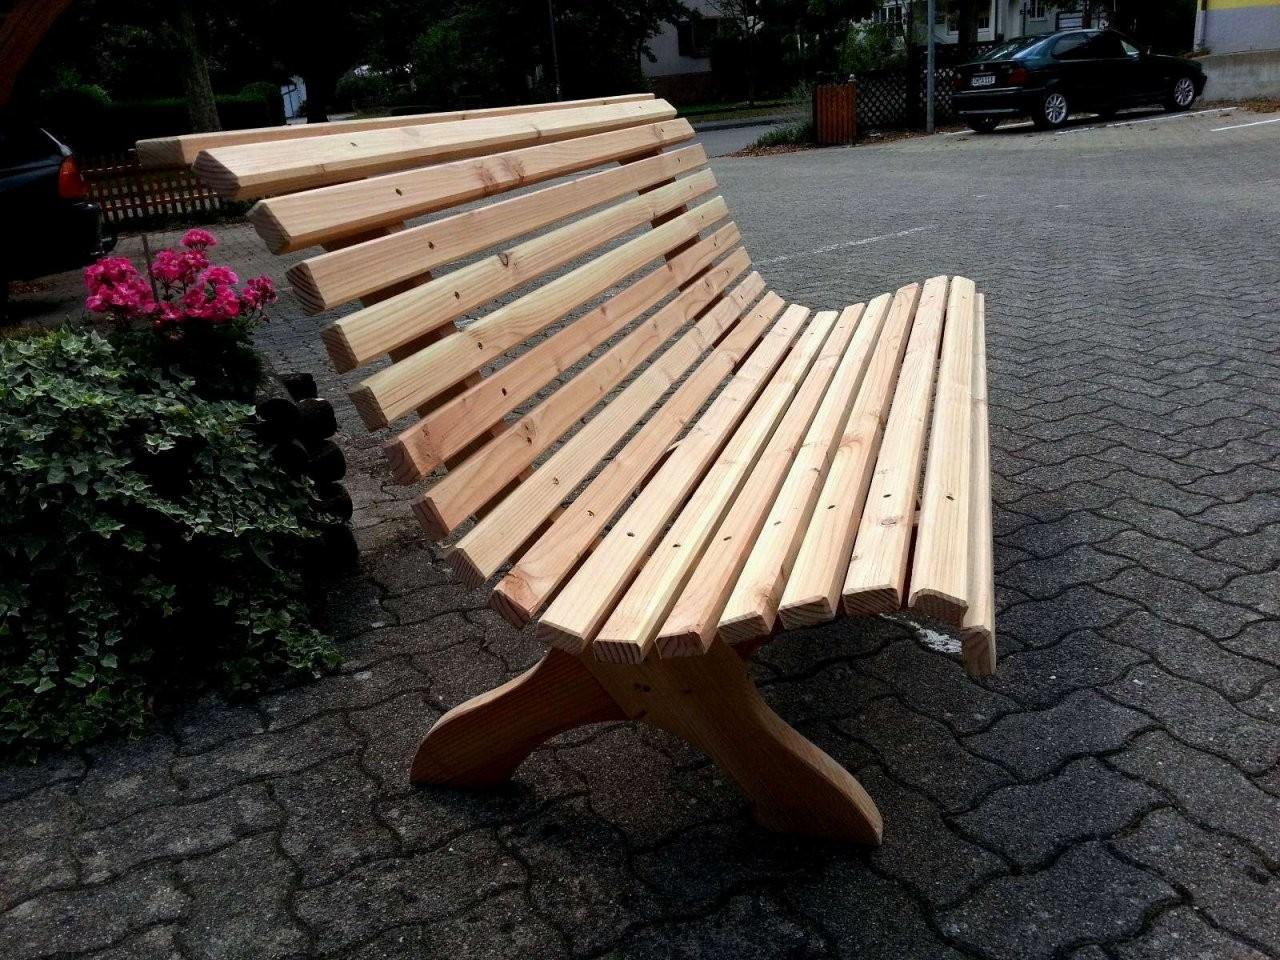 Garten Holzbank Luxus Holzbank Selber Bauen Rustikal Einzigartig von Rustikale Holzbank Selber Bauen Bild